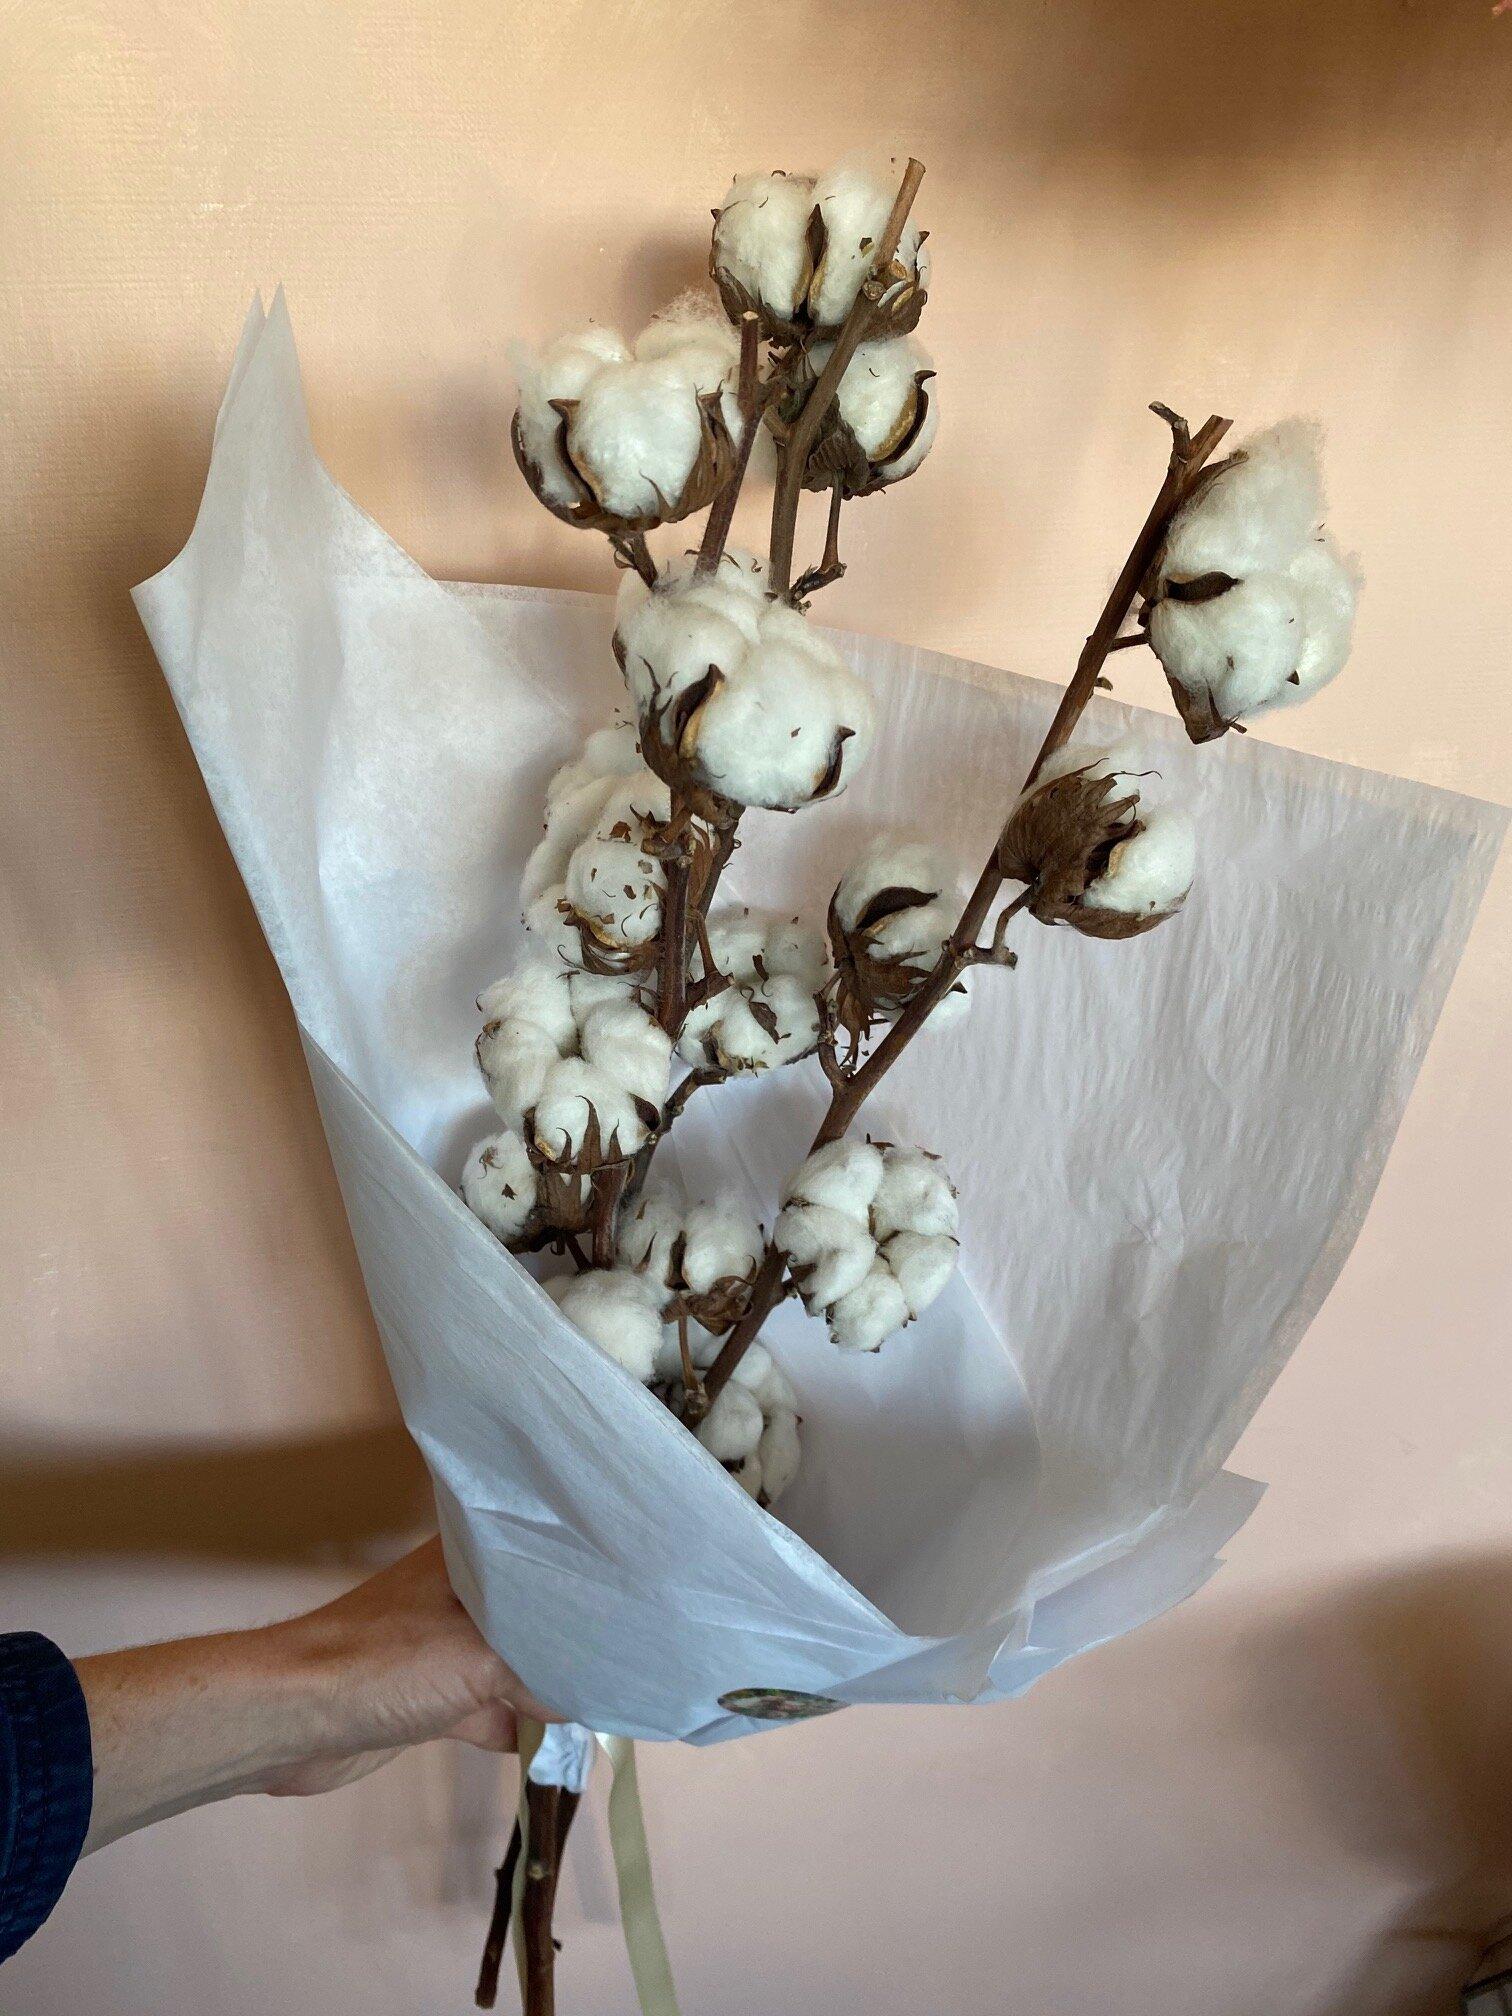 Dried Flowers Love Blooms Wedding Flowers London Event Flowers London London Wedding Florist Event Florist Hackney Florist